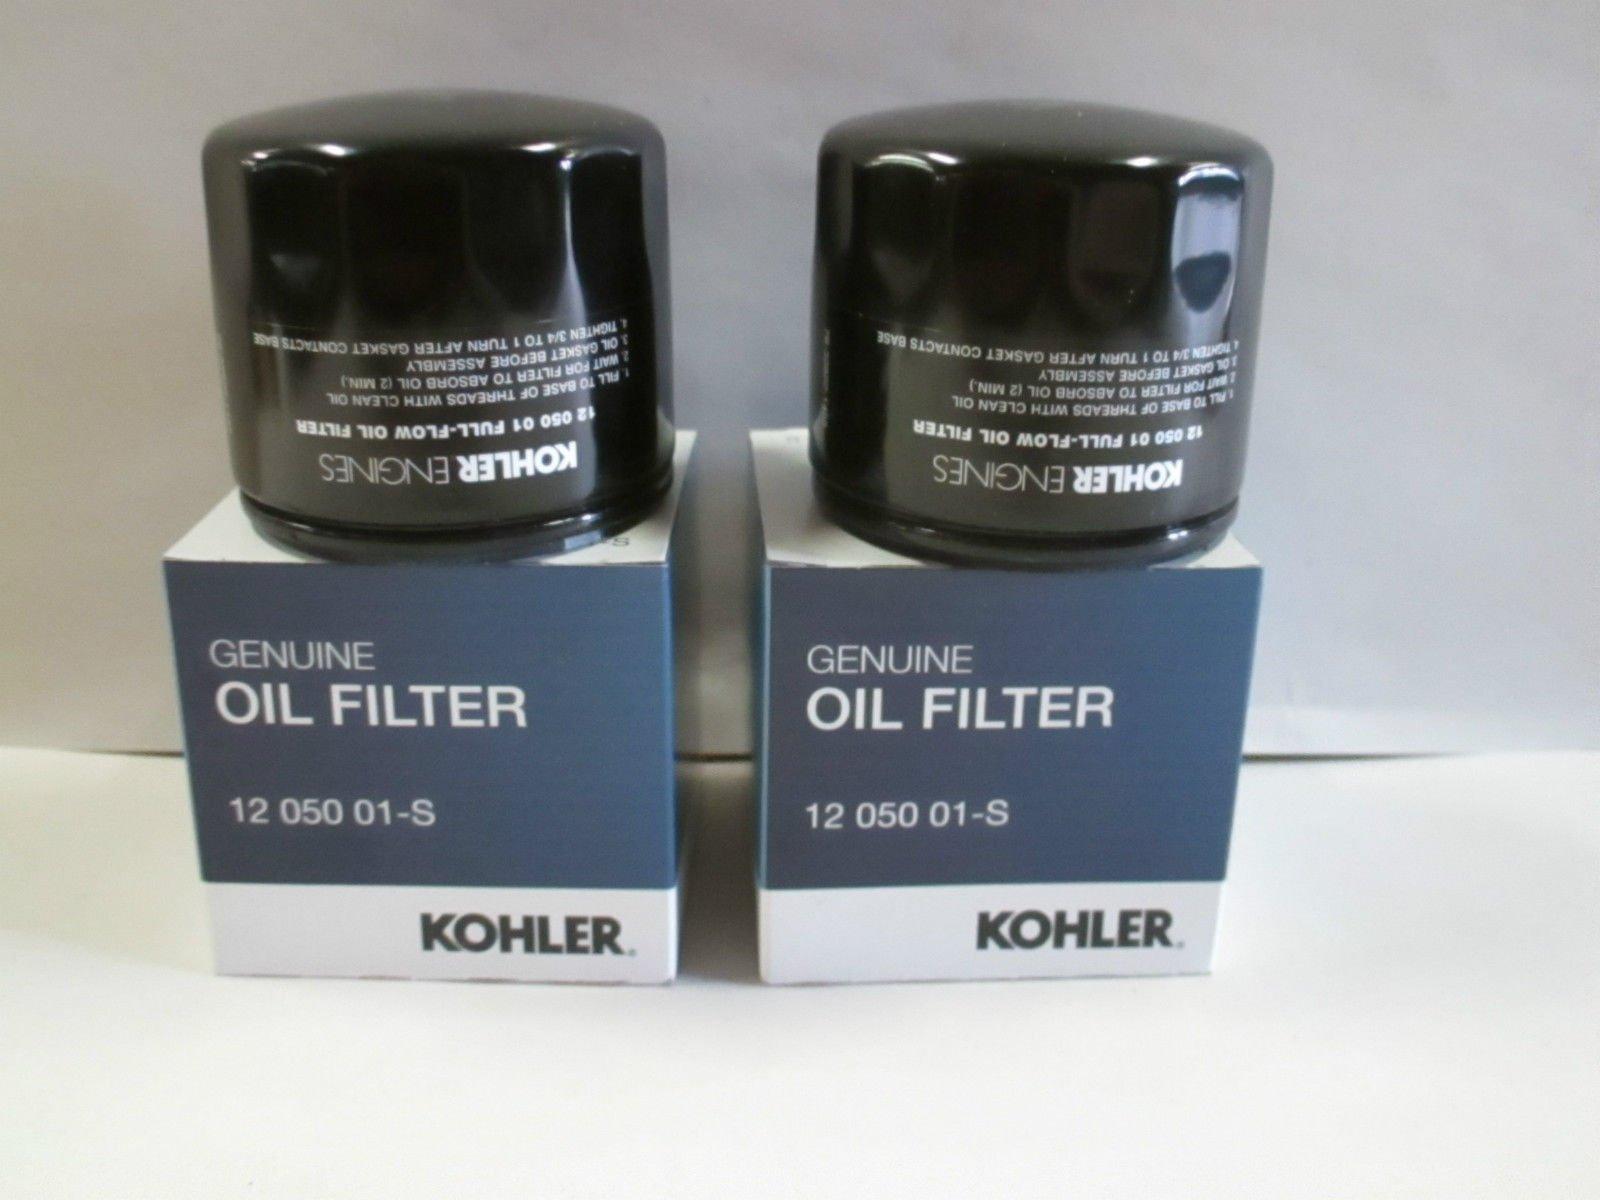 Kohler 12 050 01-S Oil Filter (Pack of 2) by Kohler